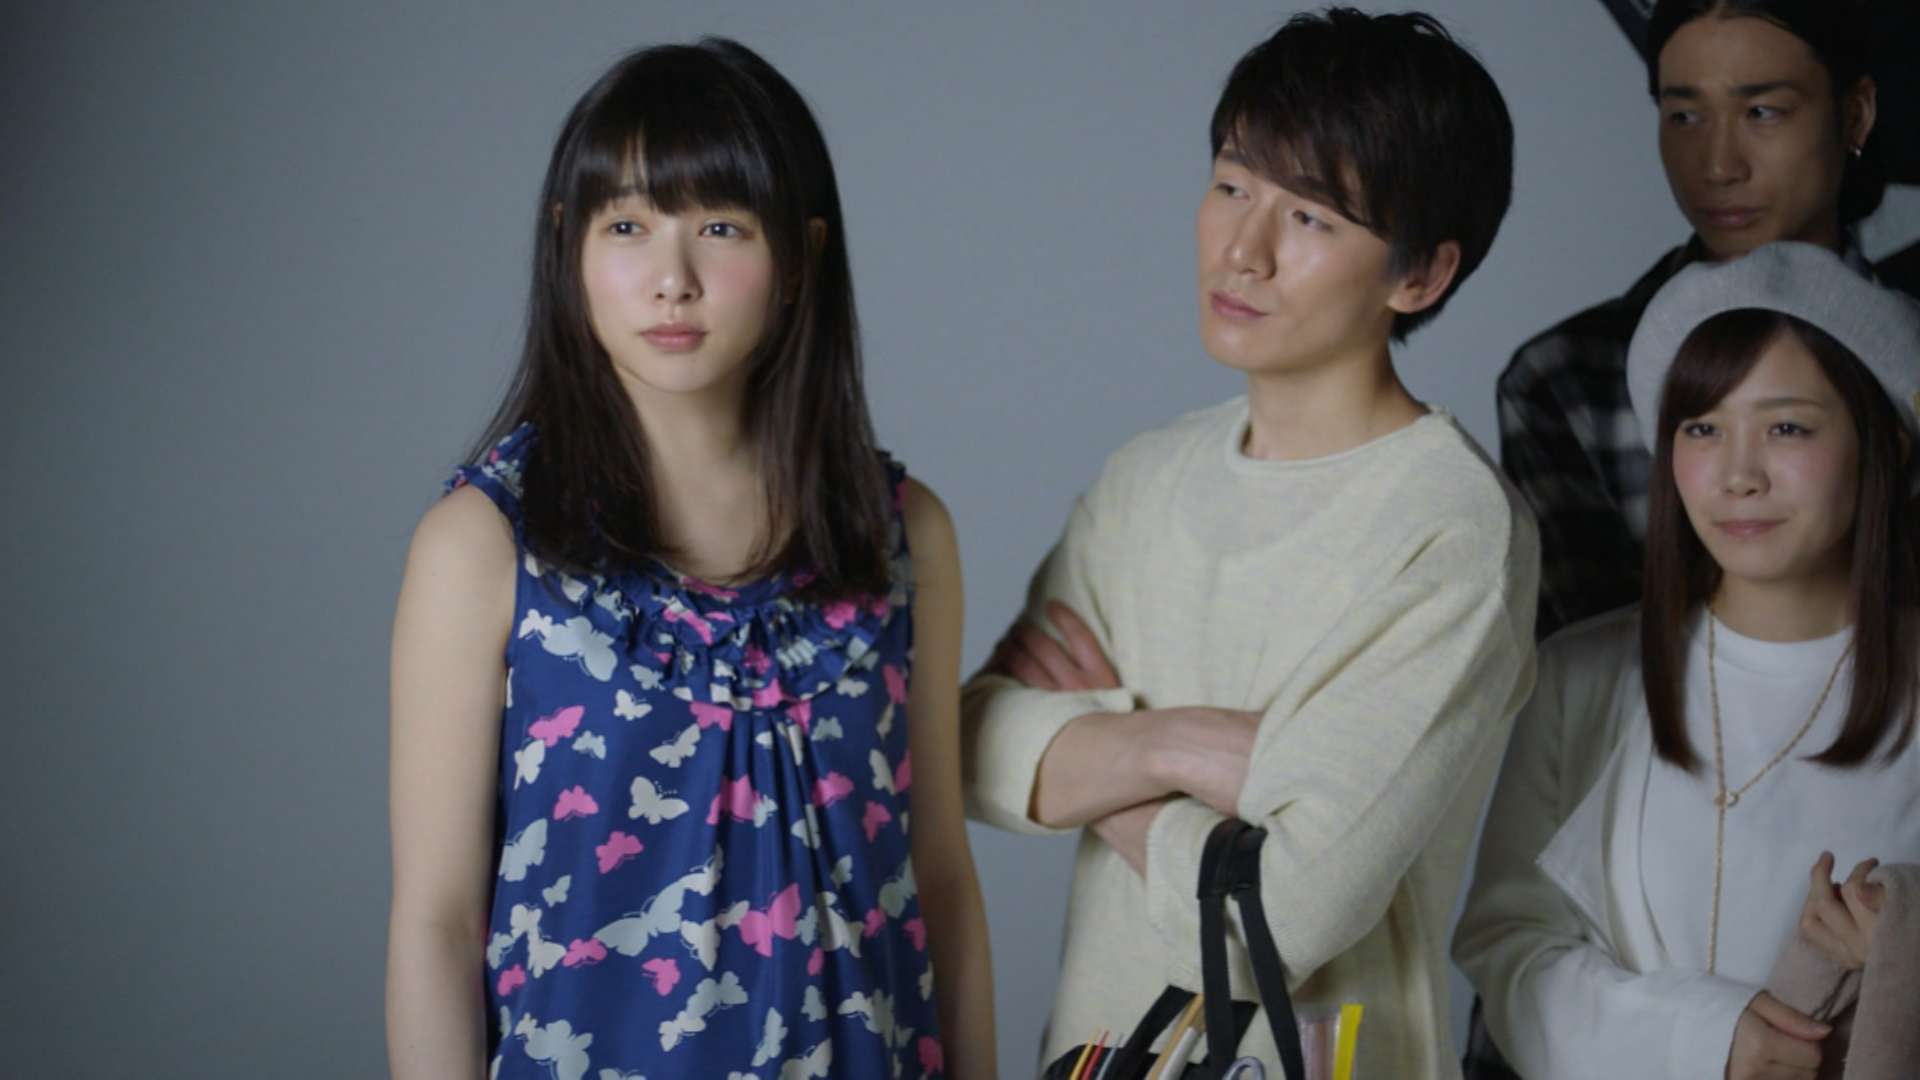 桜井日奈子 画像12